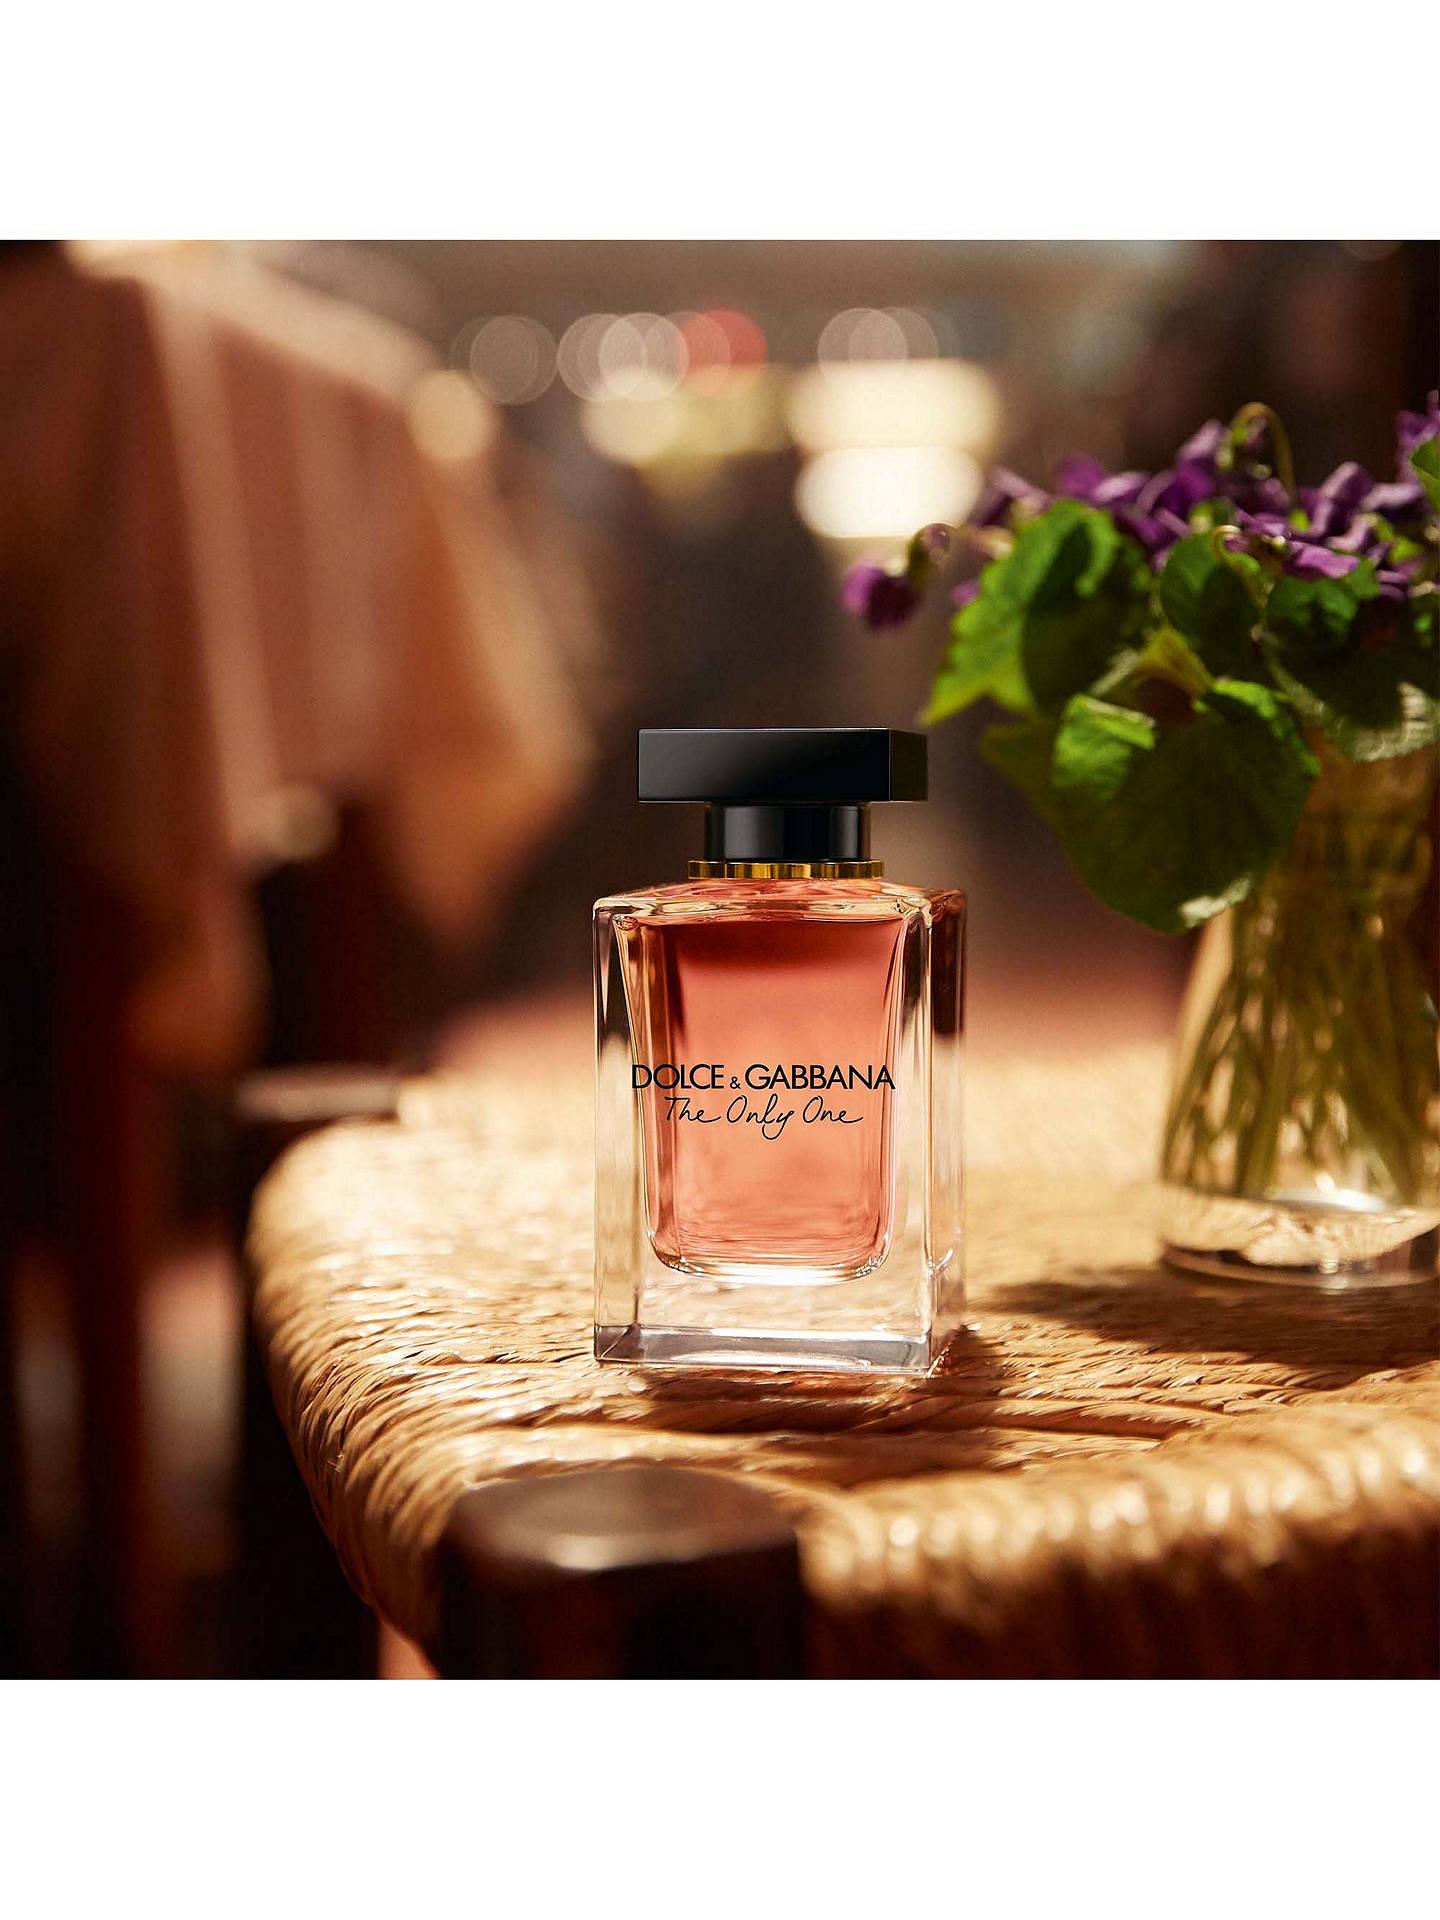 c3e2d5e43350 Dolce   Gabbana The Only One Eau de Parfum at John Lewis   Partners